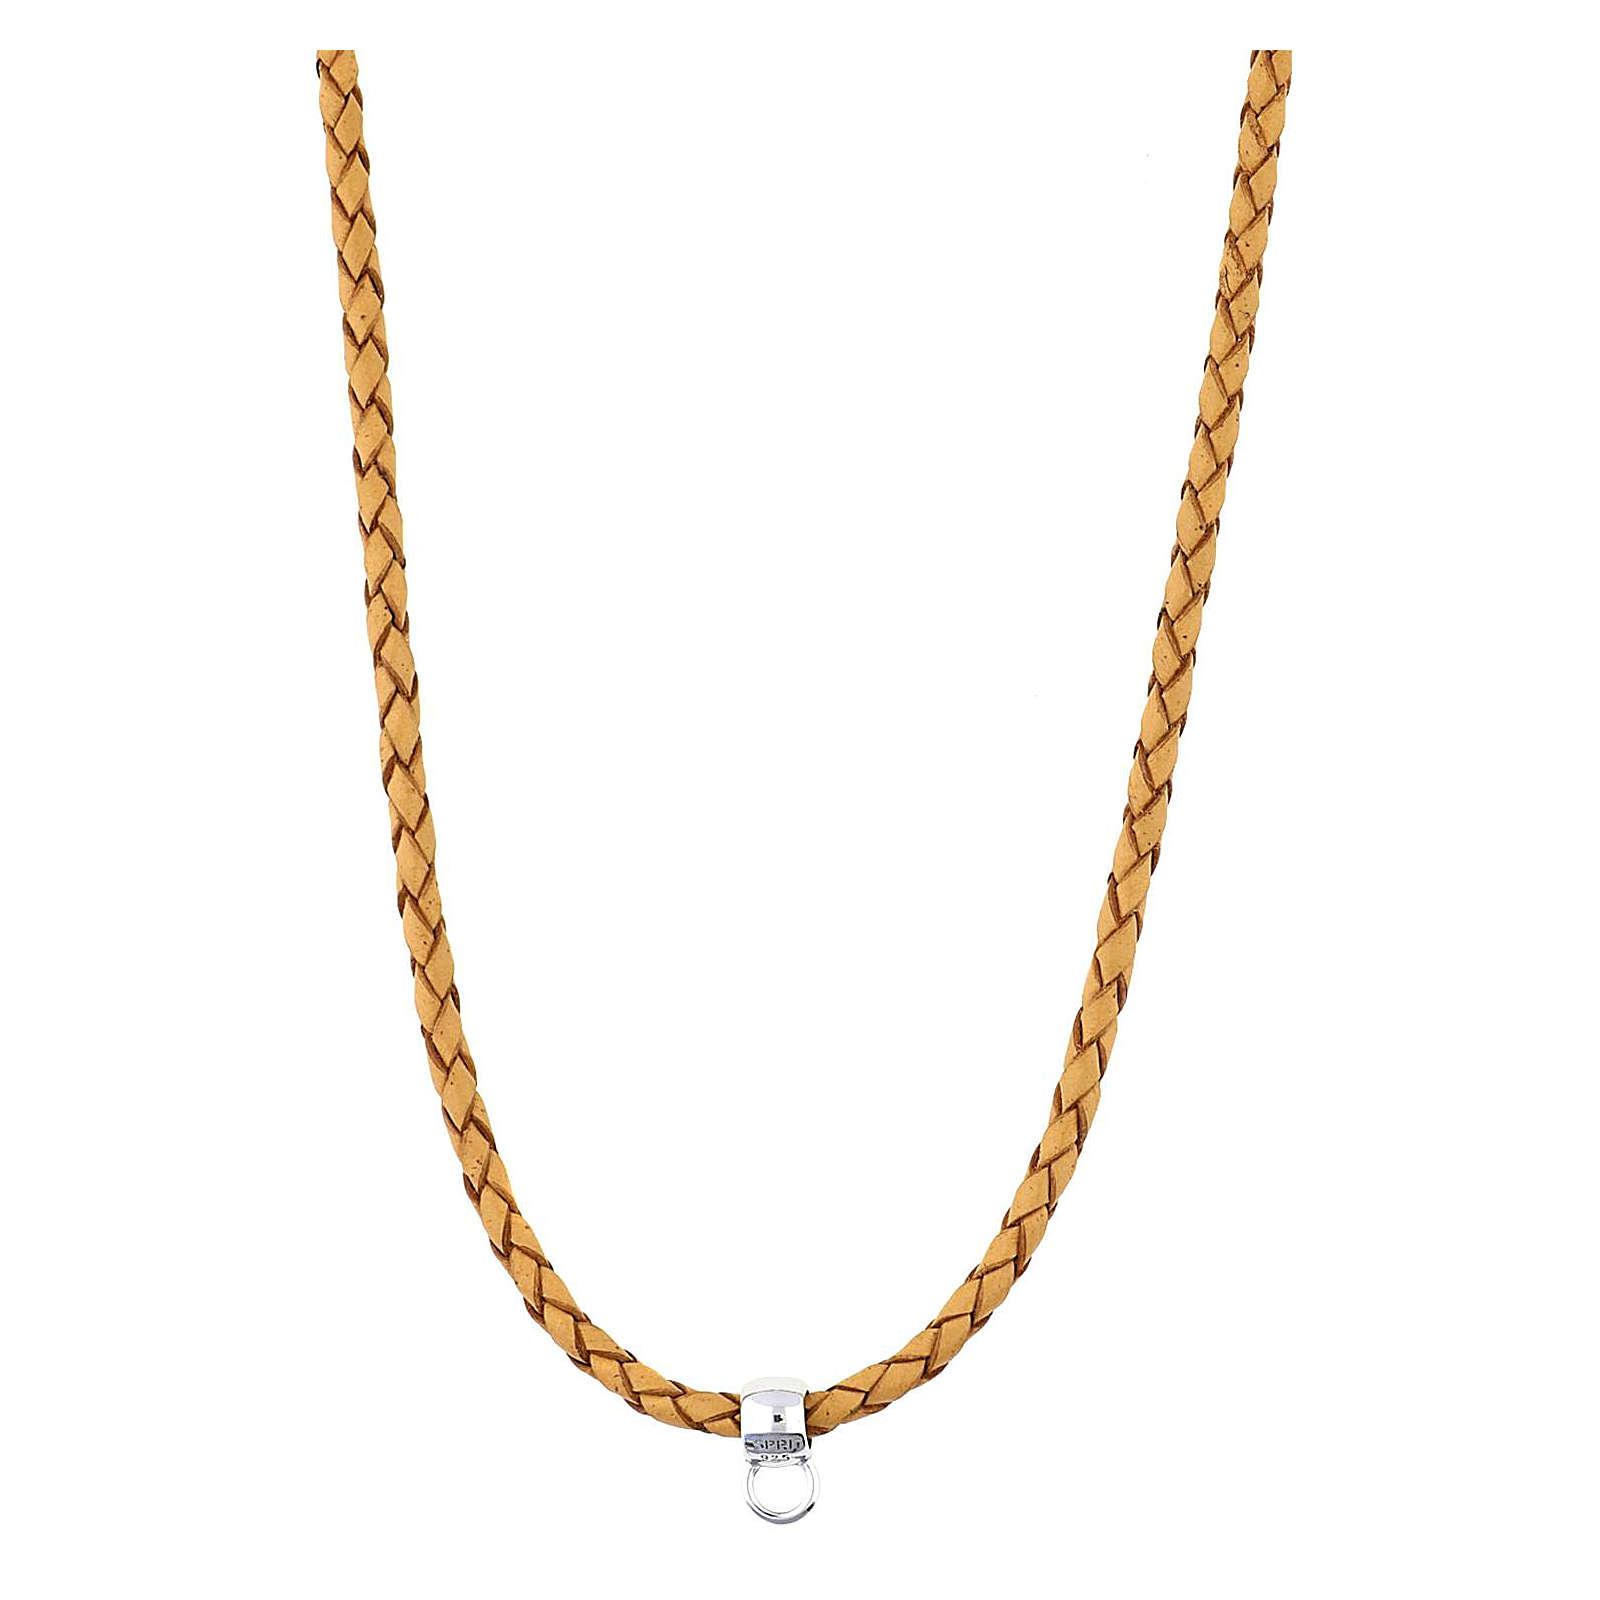 ESPRIT Halskette braun Damen Gr. one size